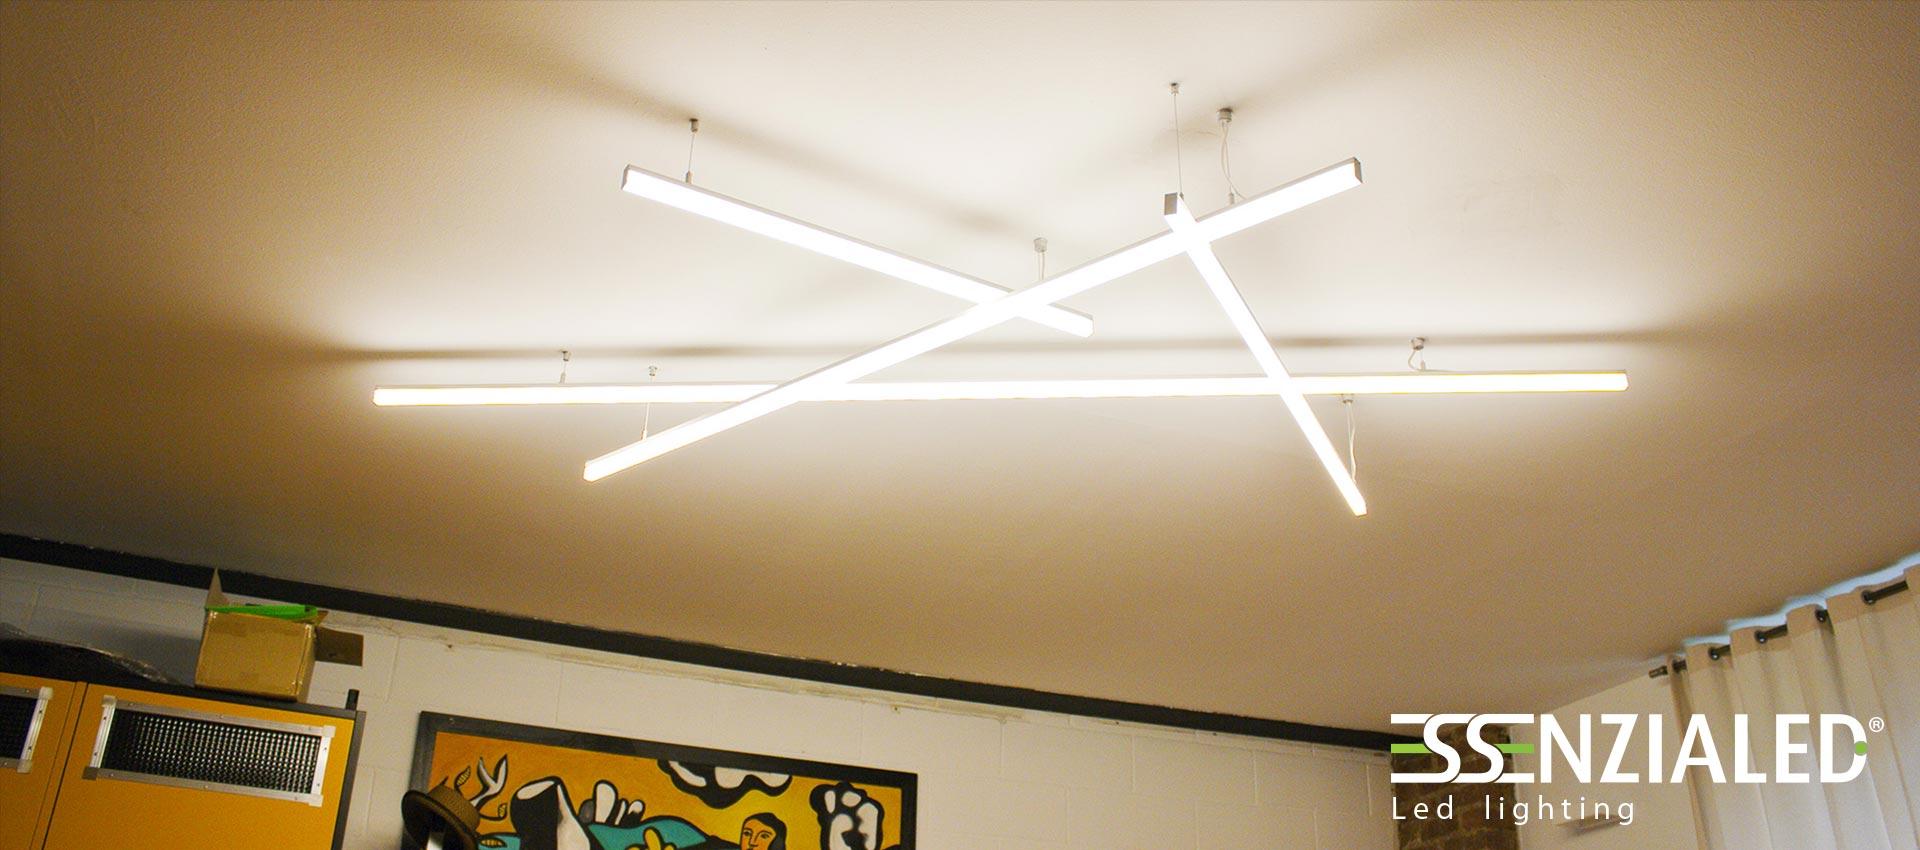 Lampade Sospese A Led.Lampade Sospese Sfalsate Essenzialed Illuminazione A